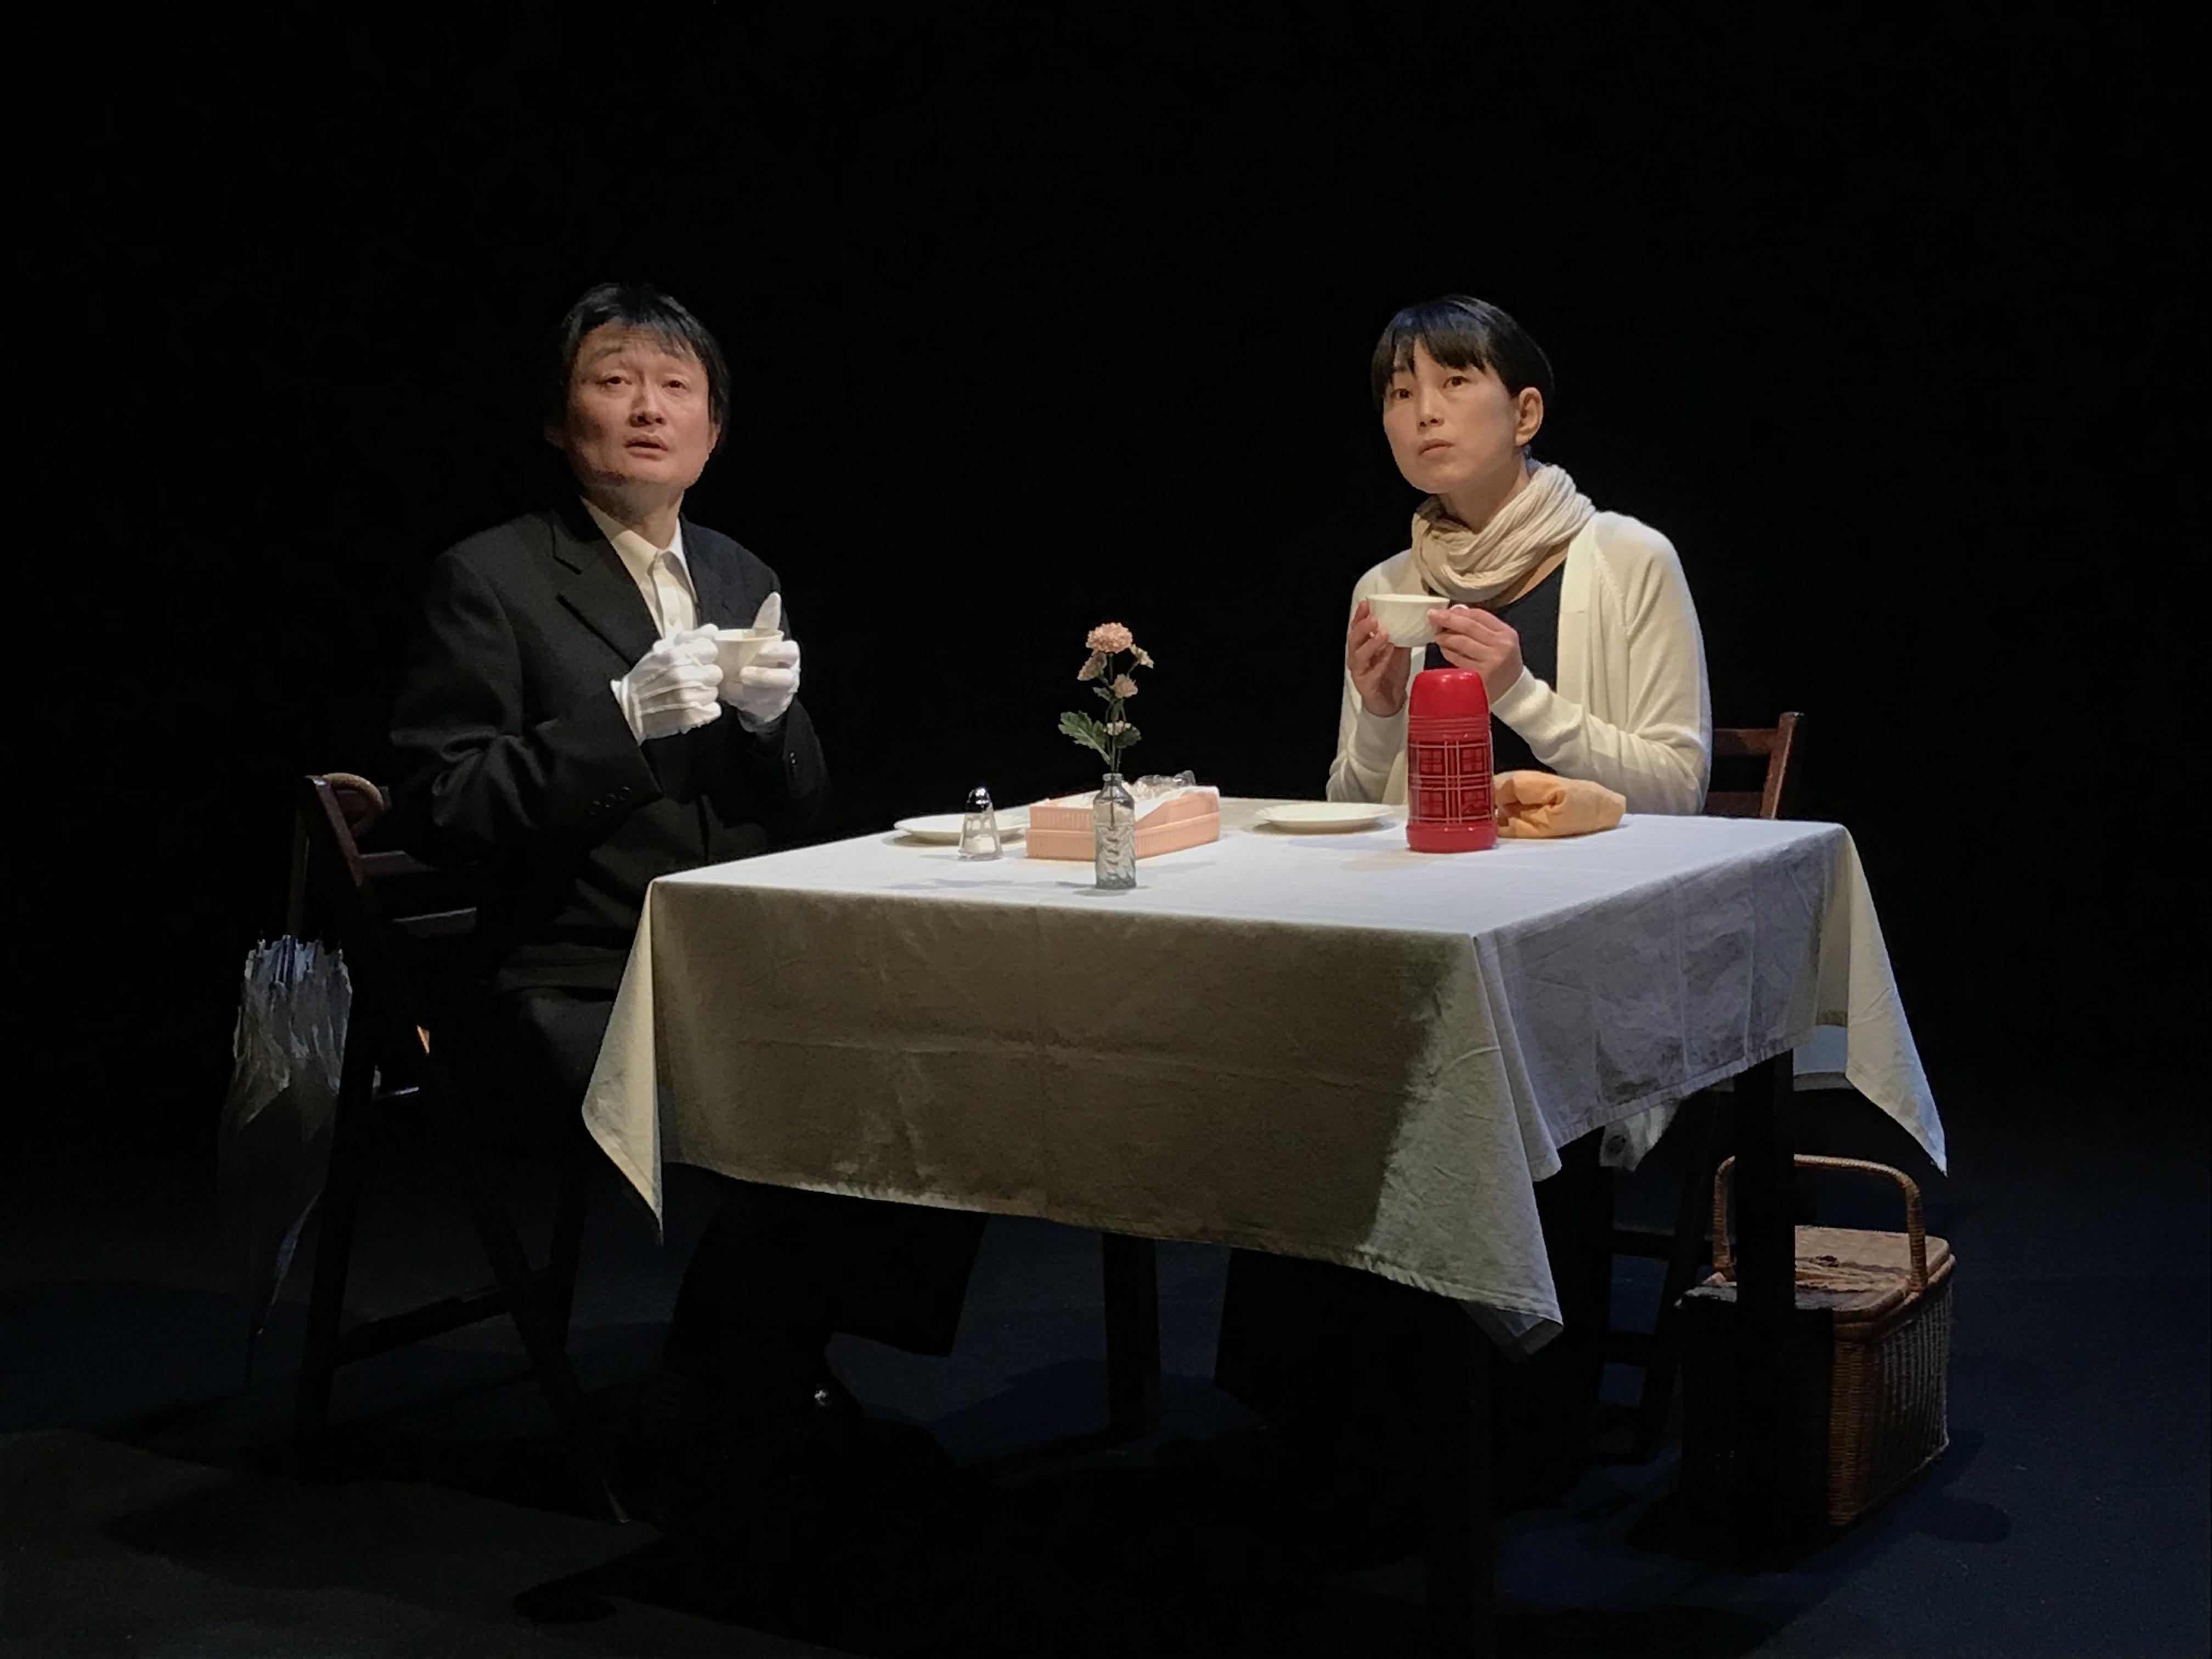 広田ゆうみ+二口大学 別役実・作『クランボンは笑った』 (2019年4月 人間座スタジオにて)